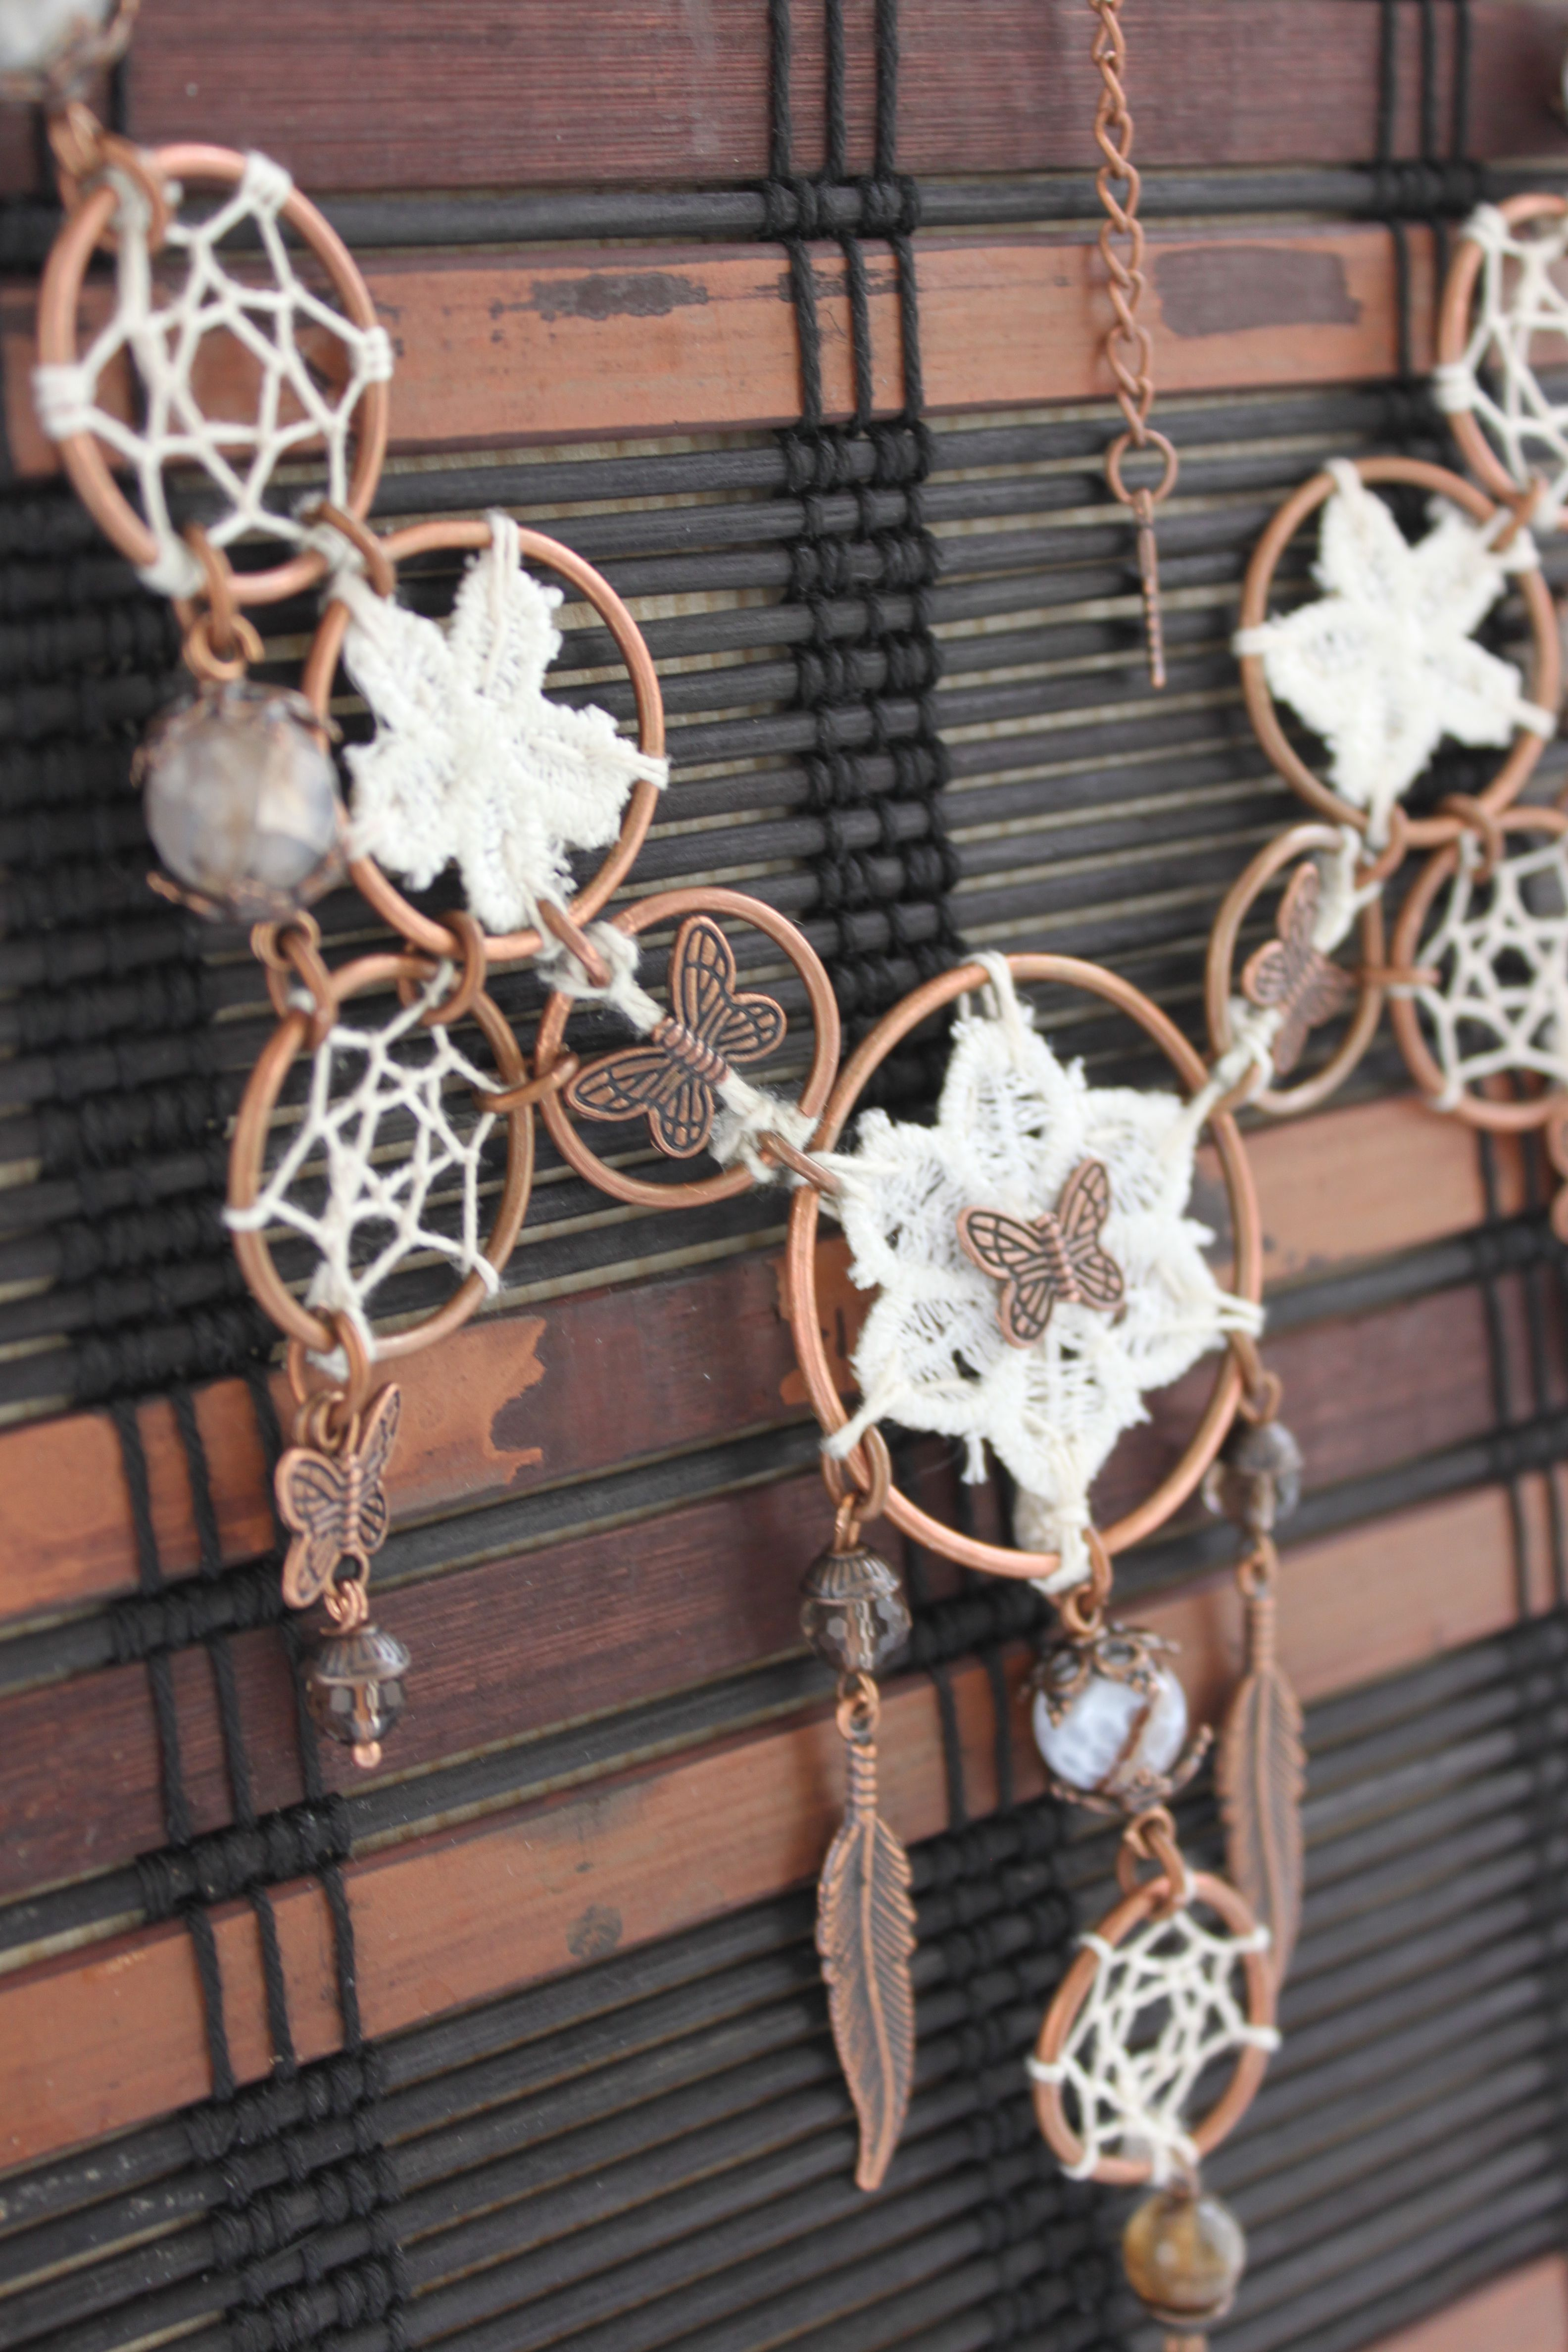 нежность медь подарок handmade красота твойстиль ловцы стиль украшение бохо ручнаяработа кружево перья хлопок boho